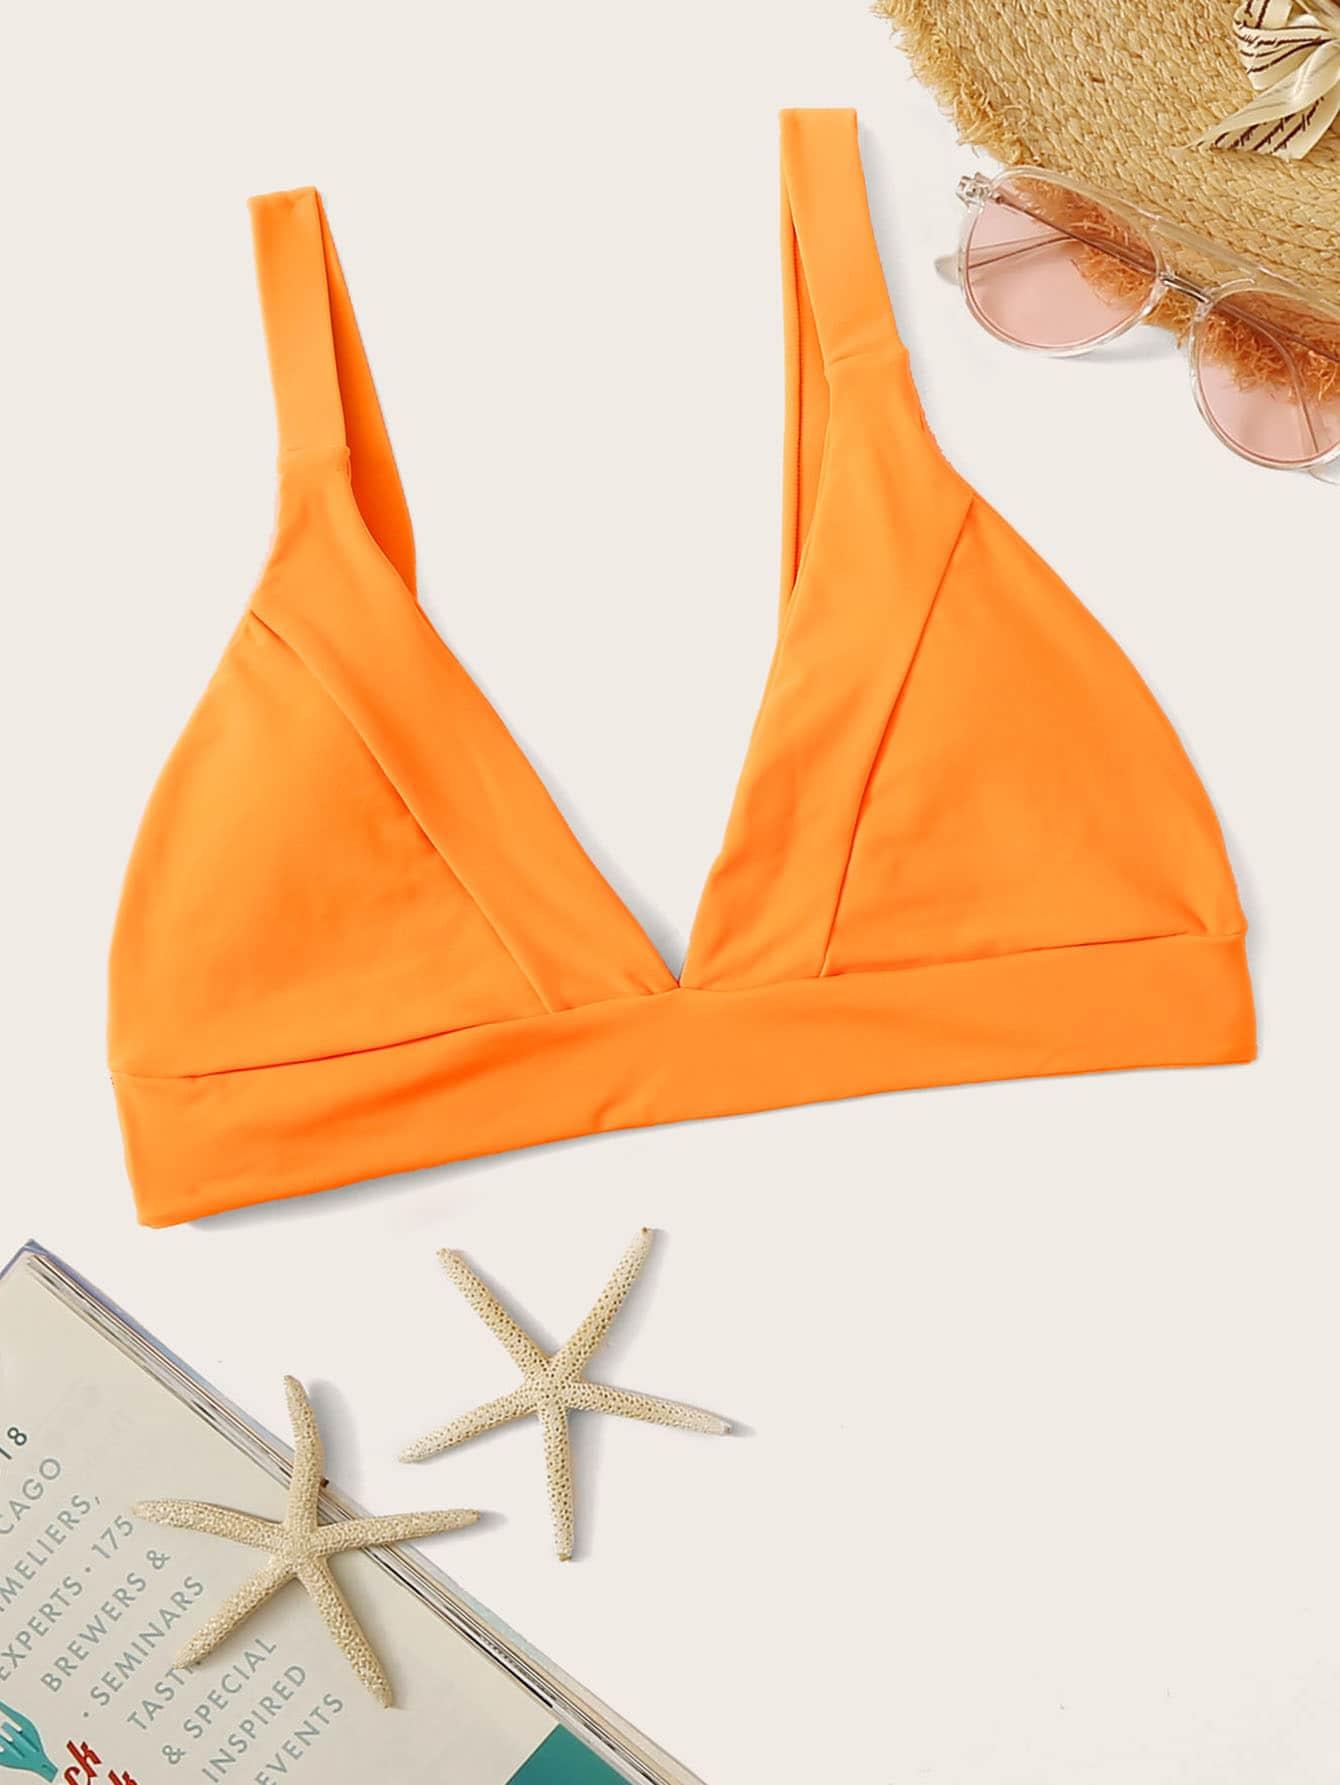 Фото - Топ для плавания с треугольными чашечками от SheIn оранжевого цвета